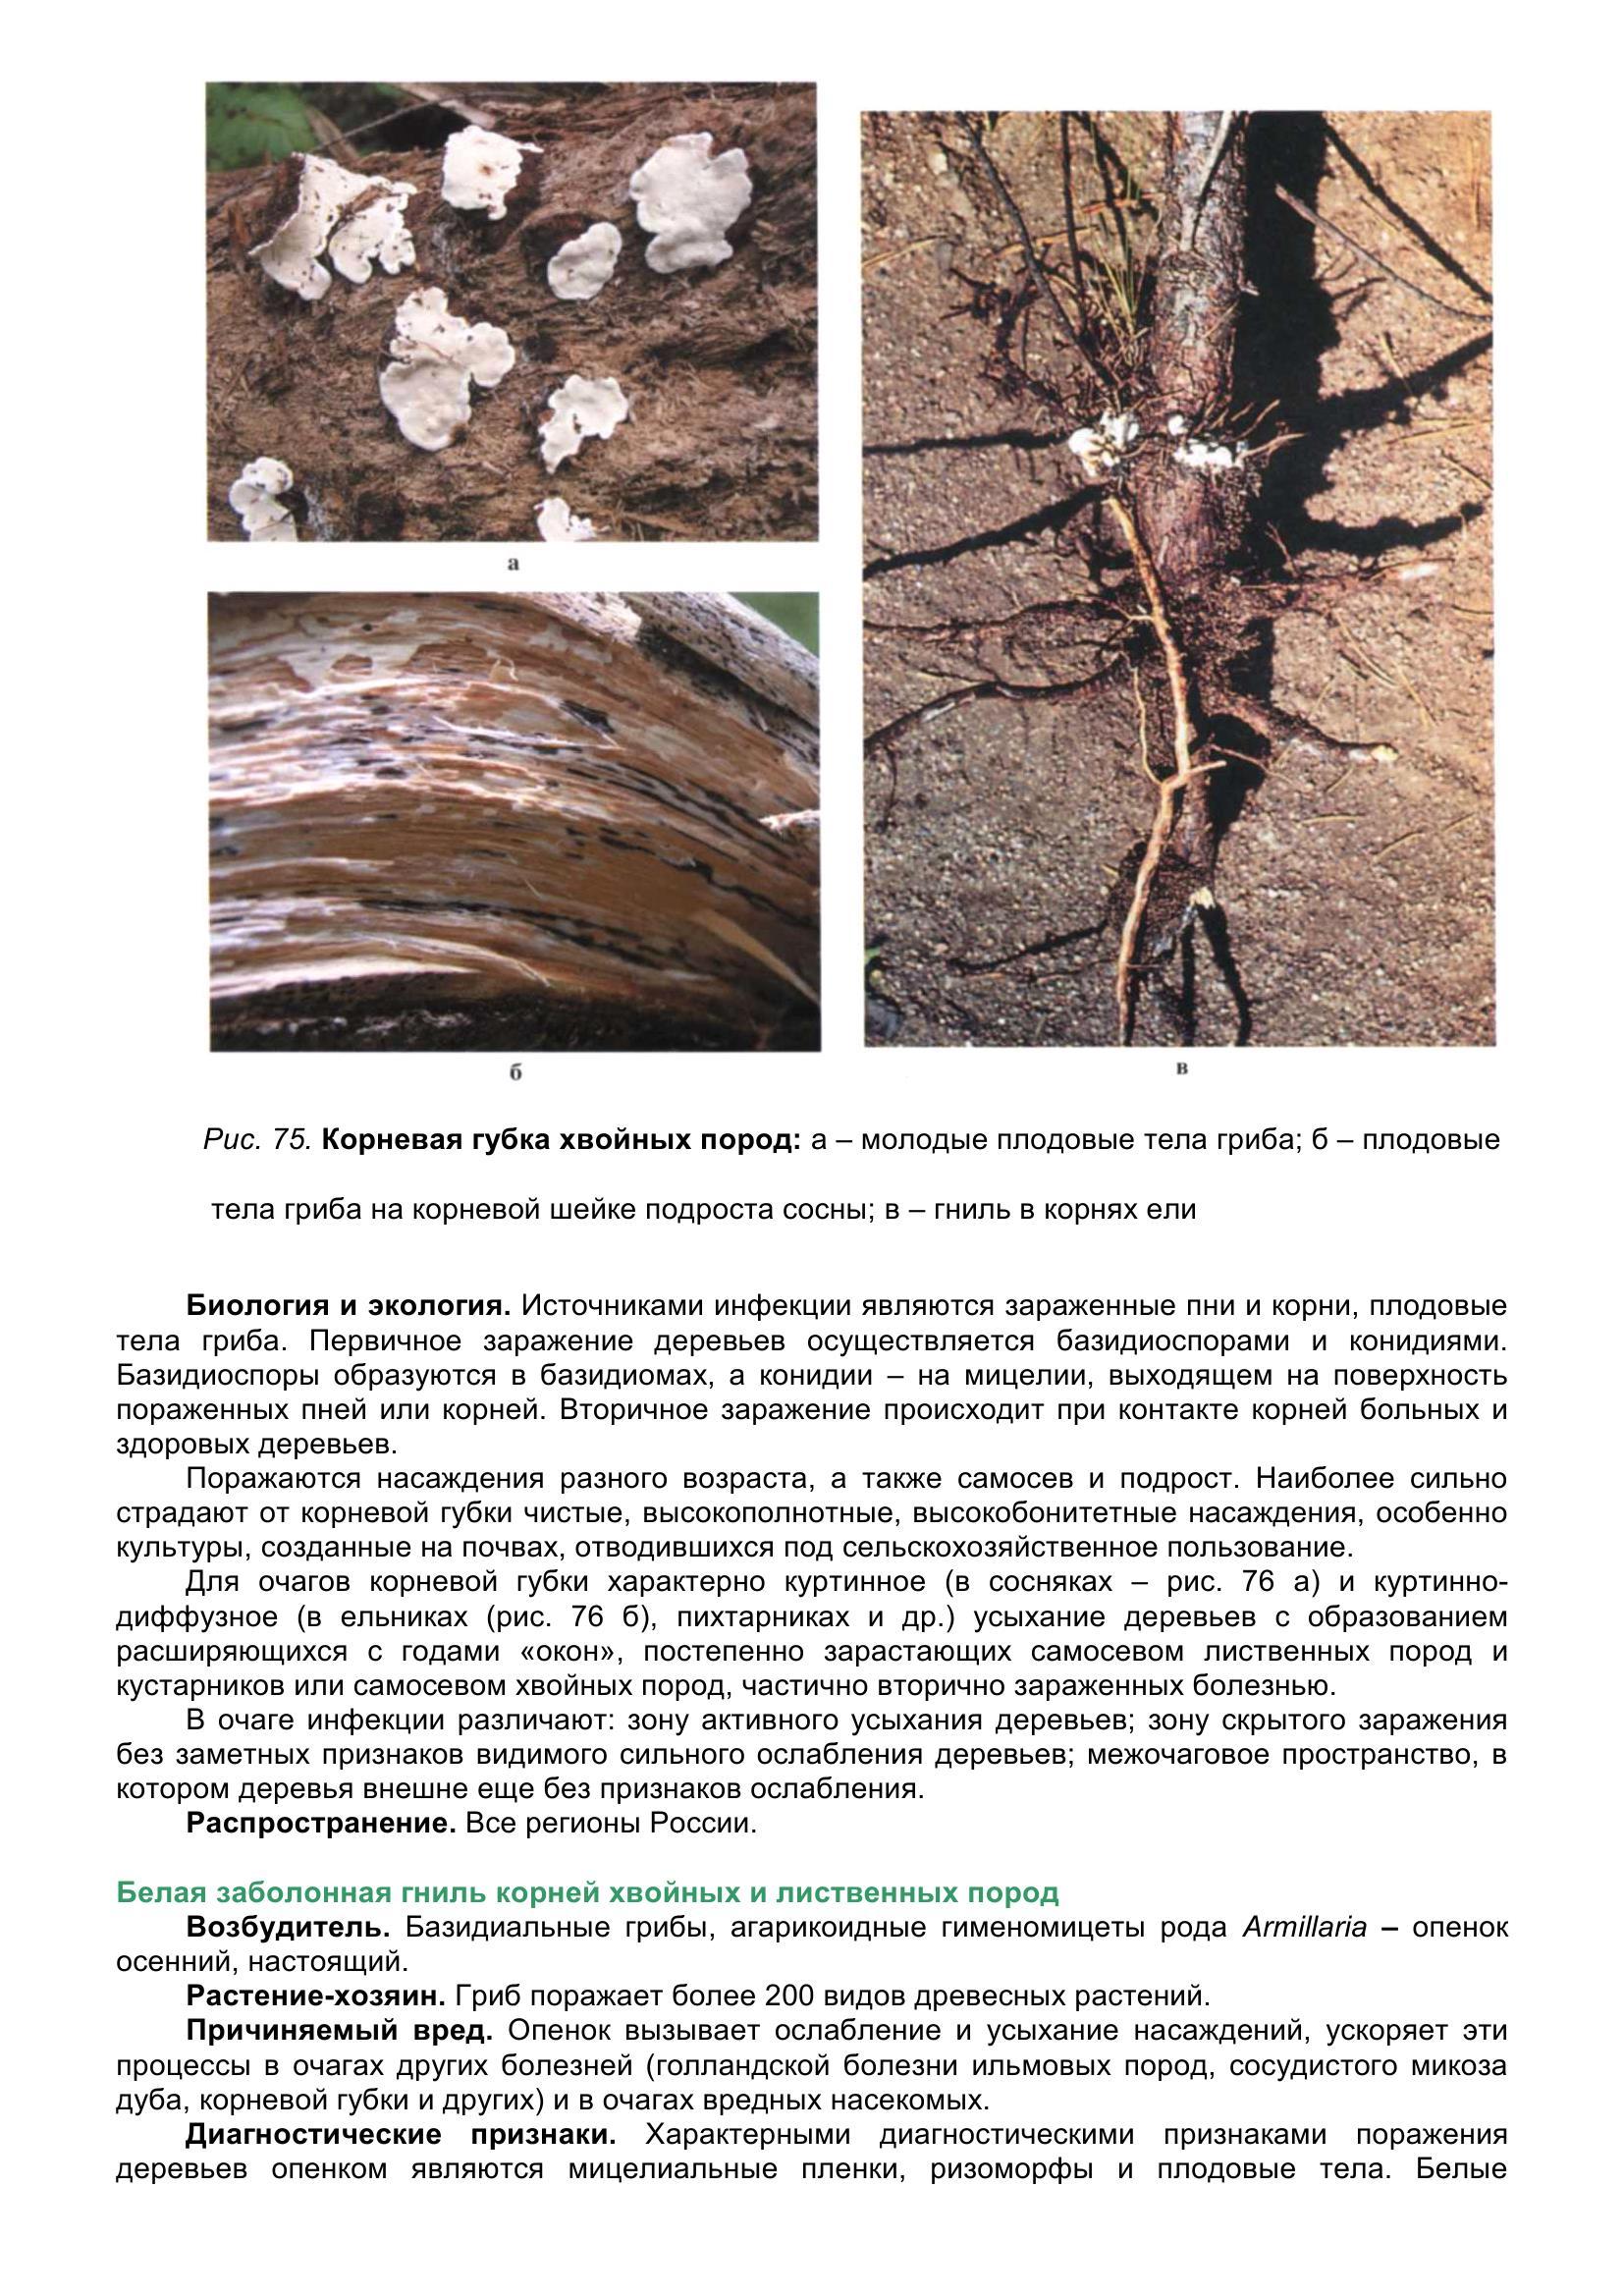 Болезни_древесных_растений_088.jpg